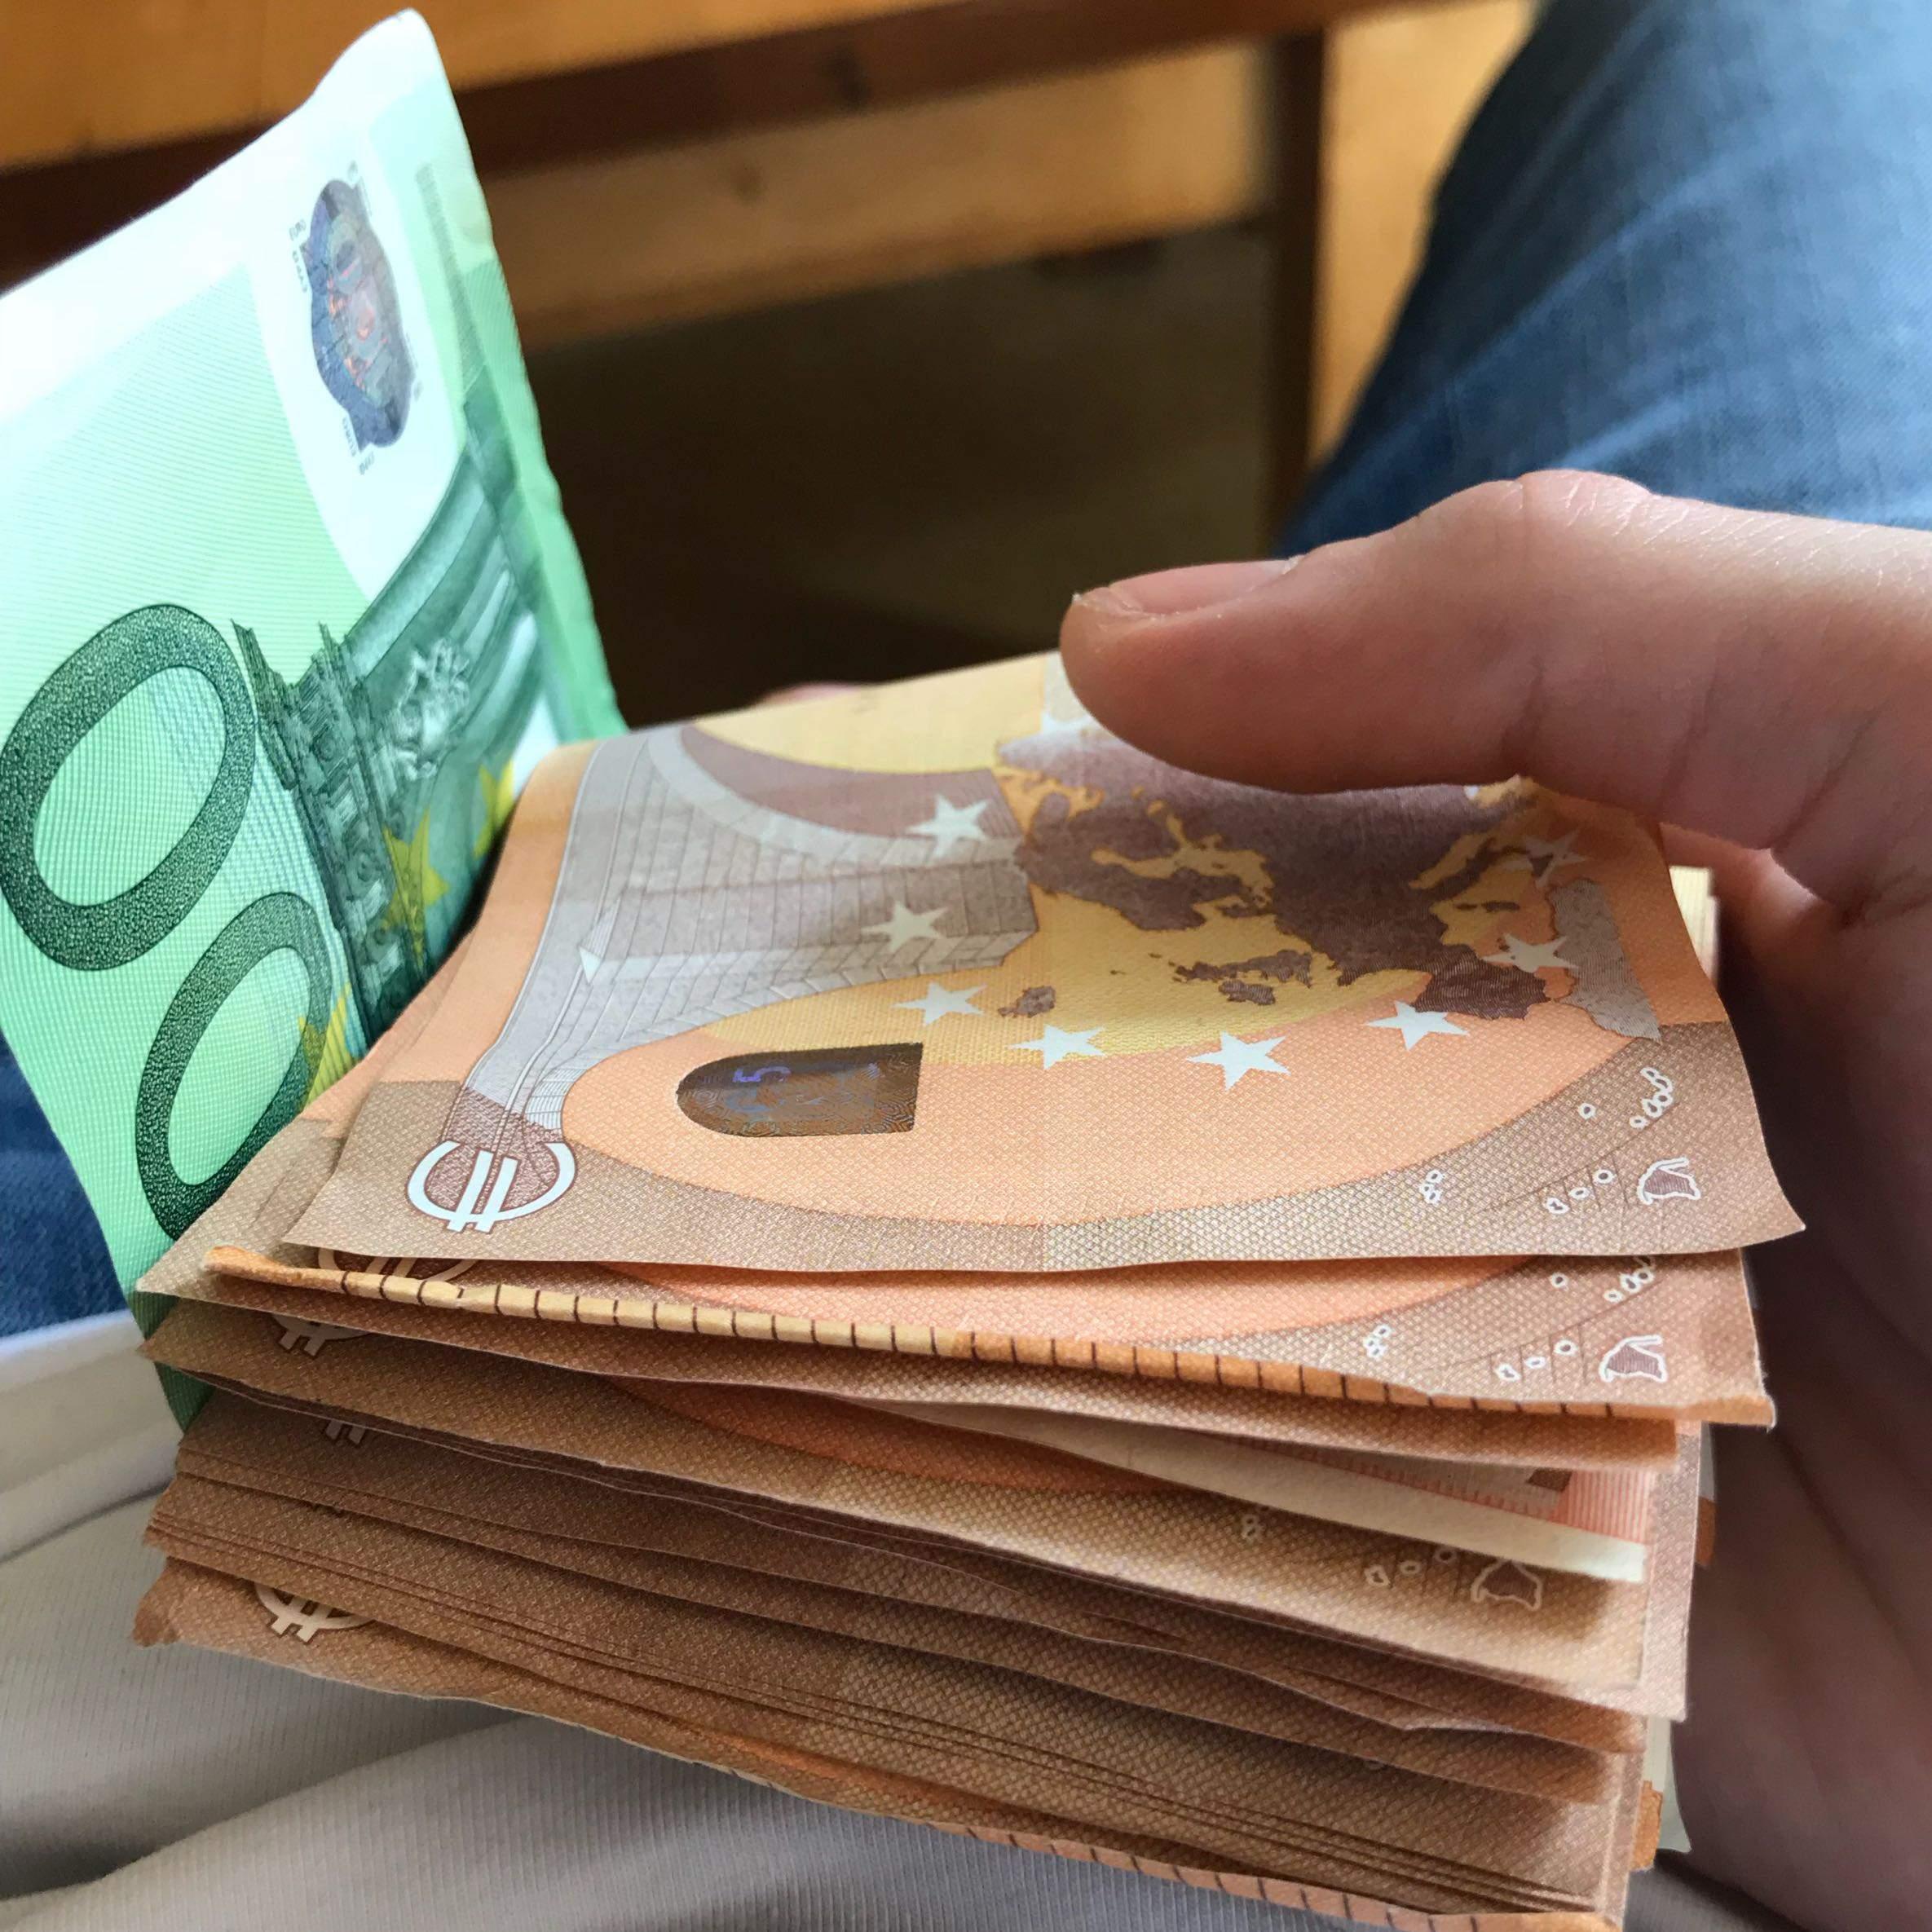 Pate zur konfirmation wieviel als geld schenken Wie viel